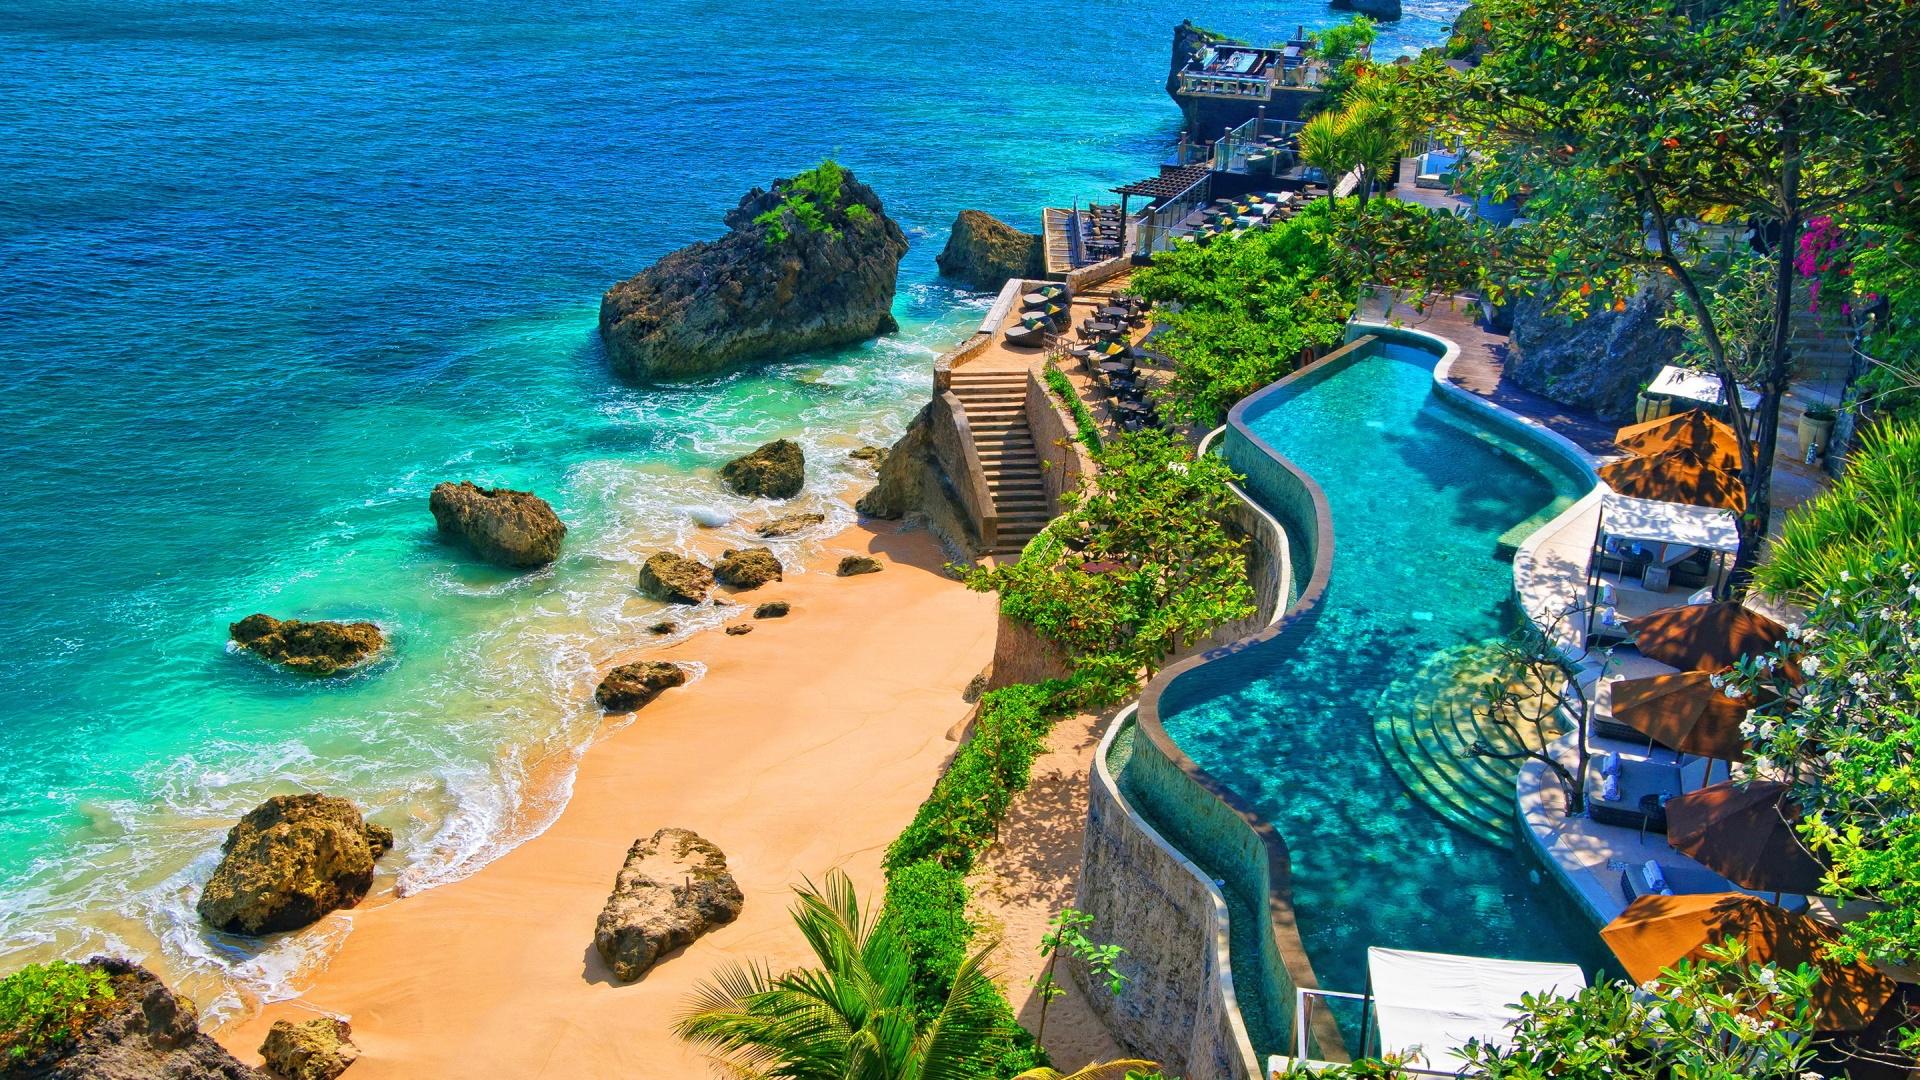 Probabil una dintre cele mai populare si cunoscute destinatii exotice, insula Bali este o adevarata bijuterie a continentului asiatic.